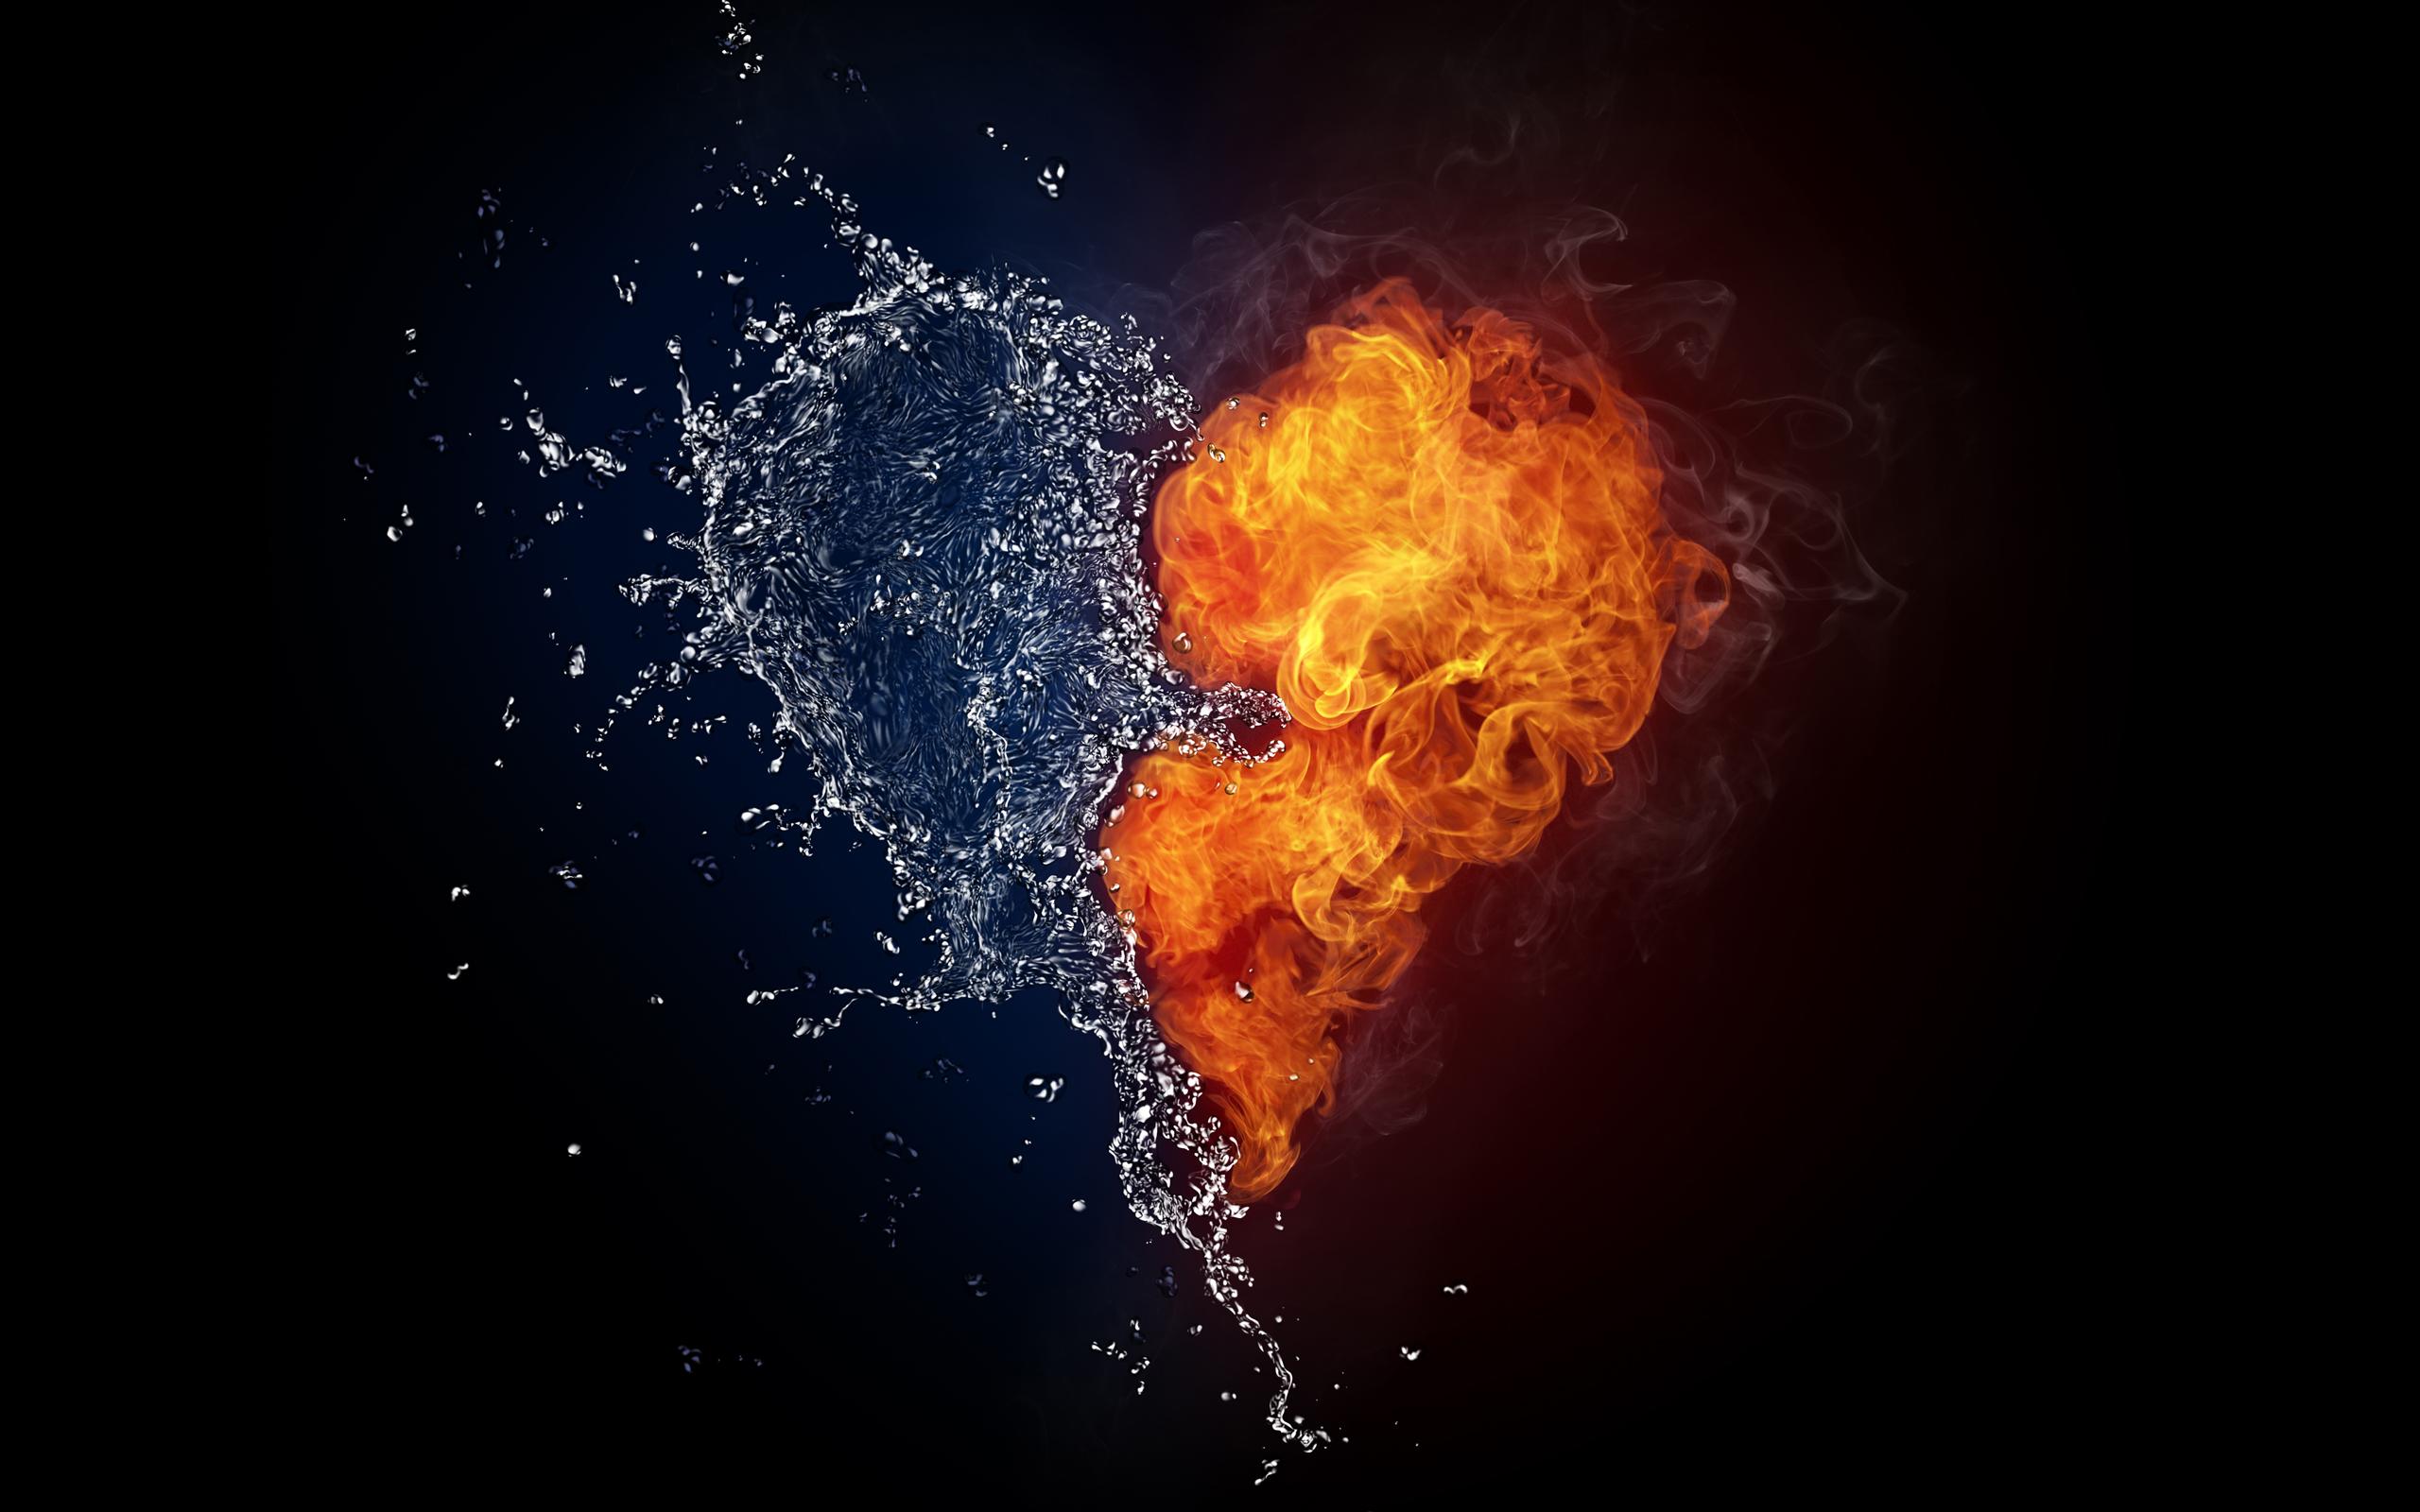 Два ледяных сердца  № 3490368 без смс